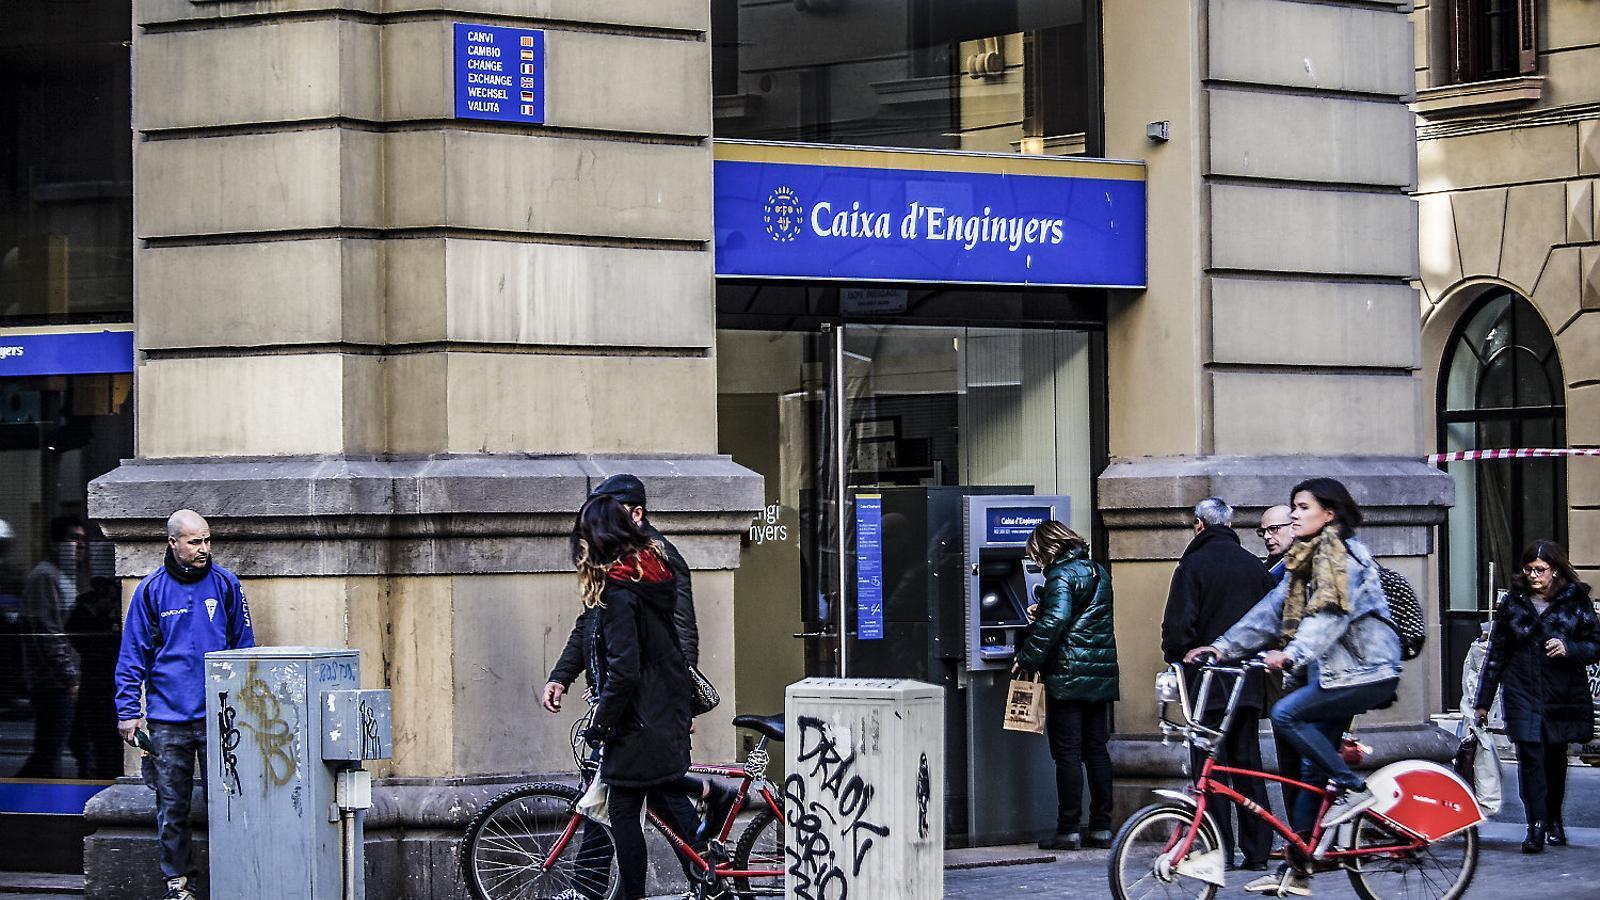 La seu central de la Caixa d'Enginyers a Via Laietana, a Barcelona.